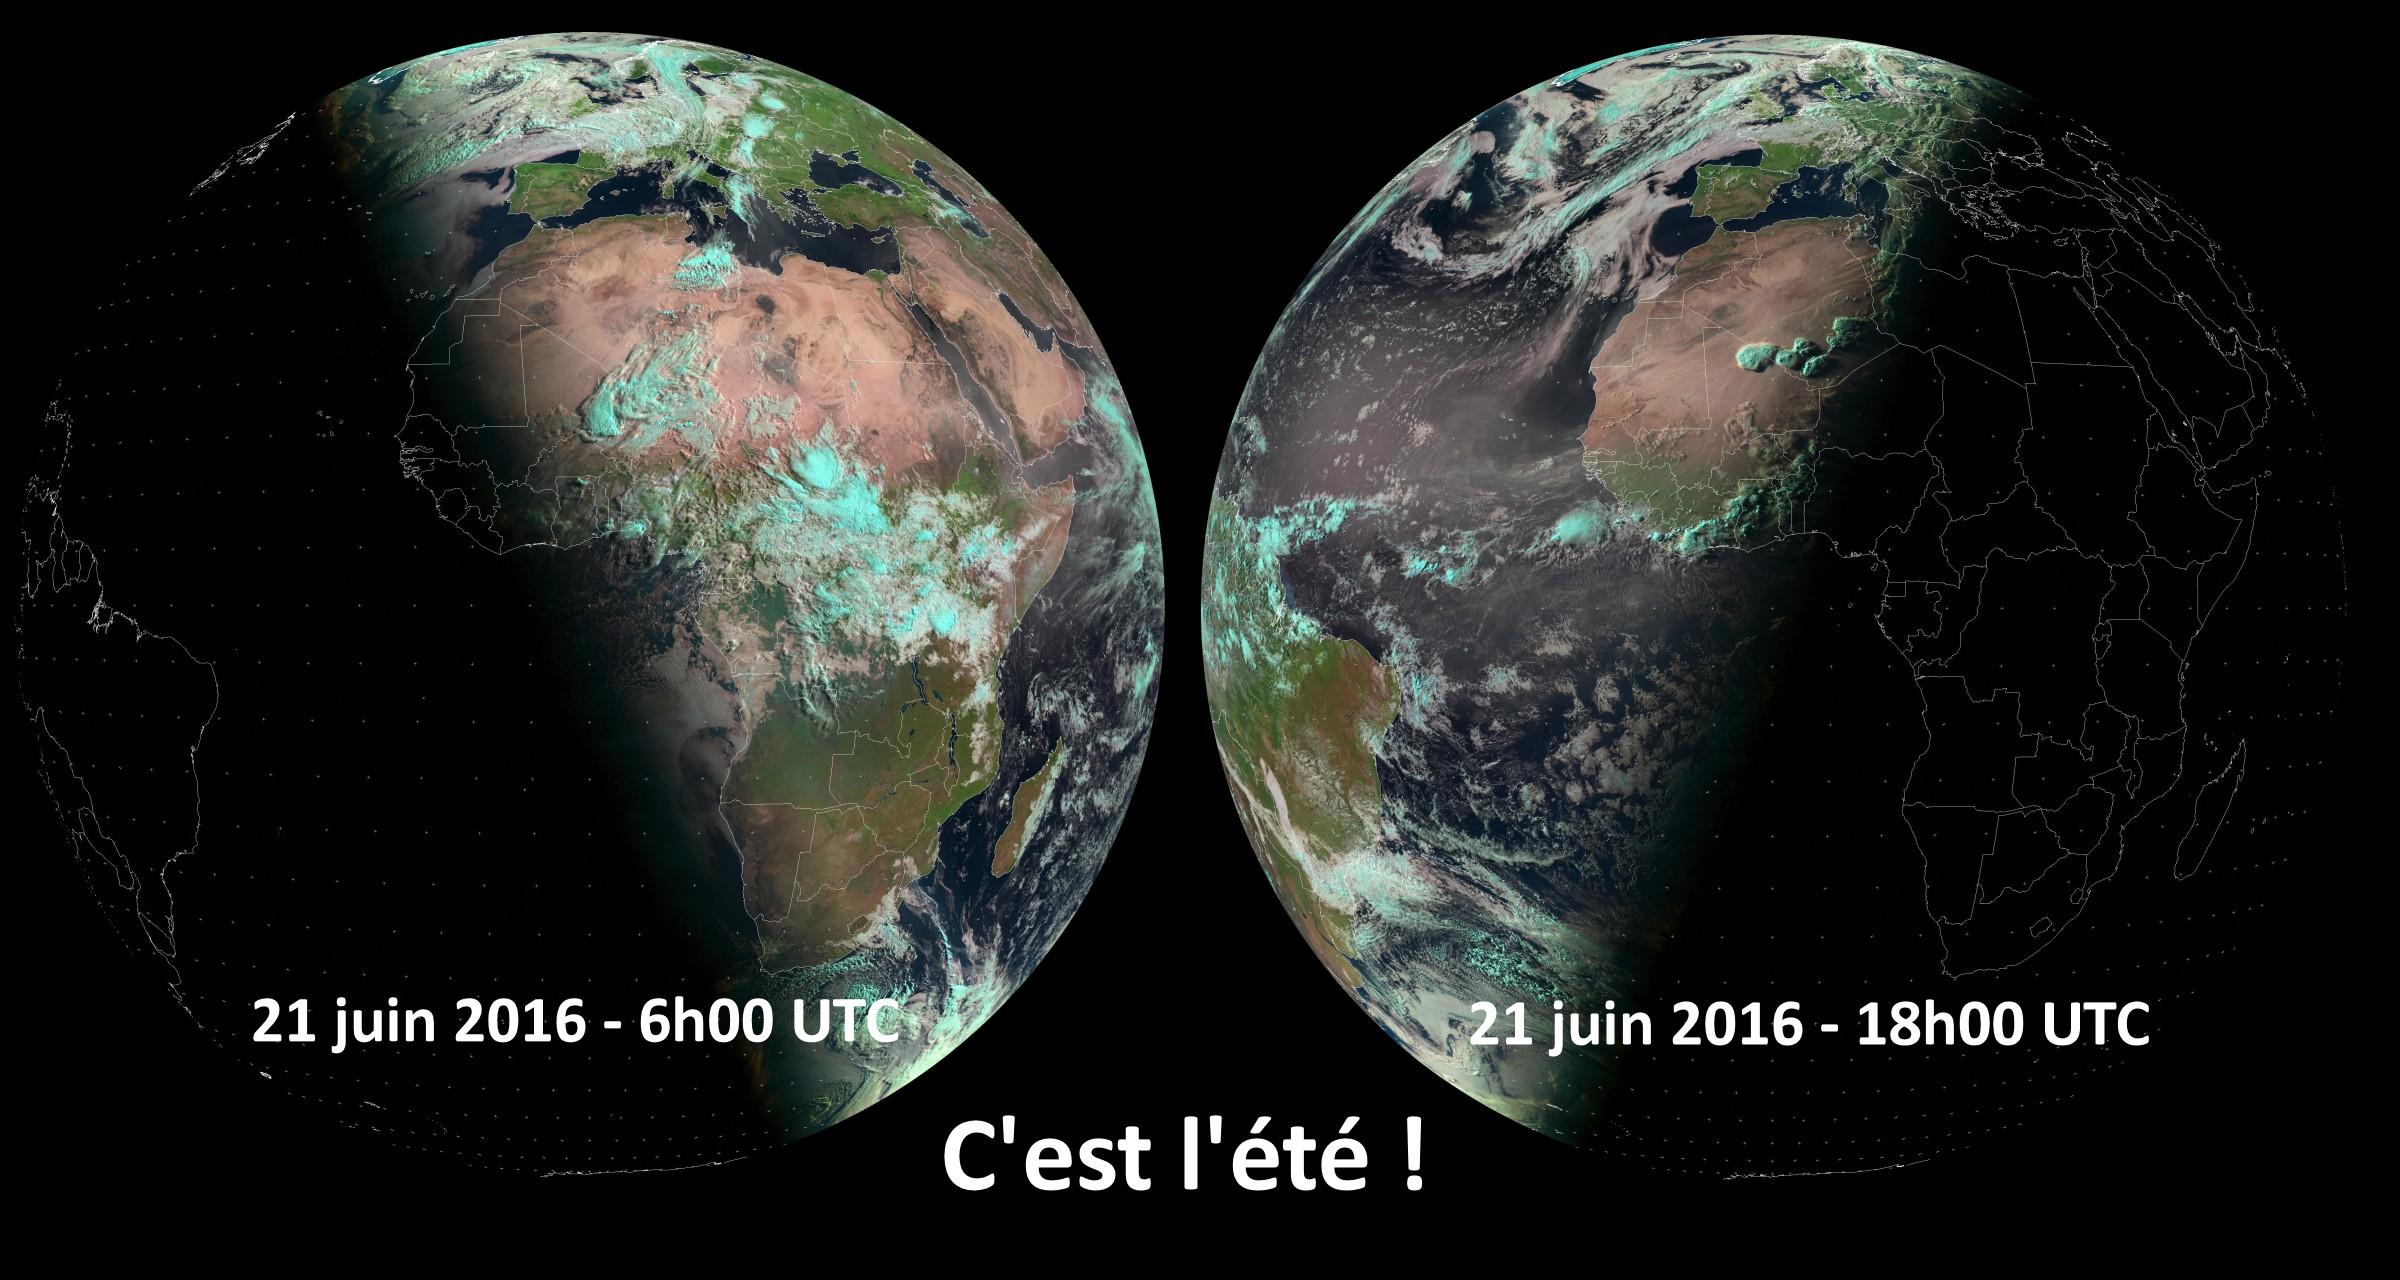 C'est l'été - Solstice d'été - 2016 - 21 juin - Météosat - Enfin l'été - Saison - été arrosé - Eumetsat